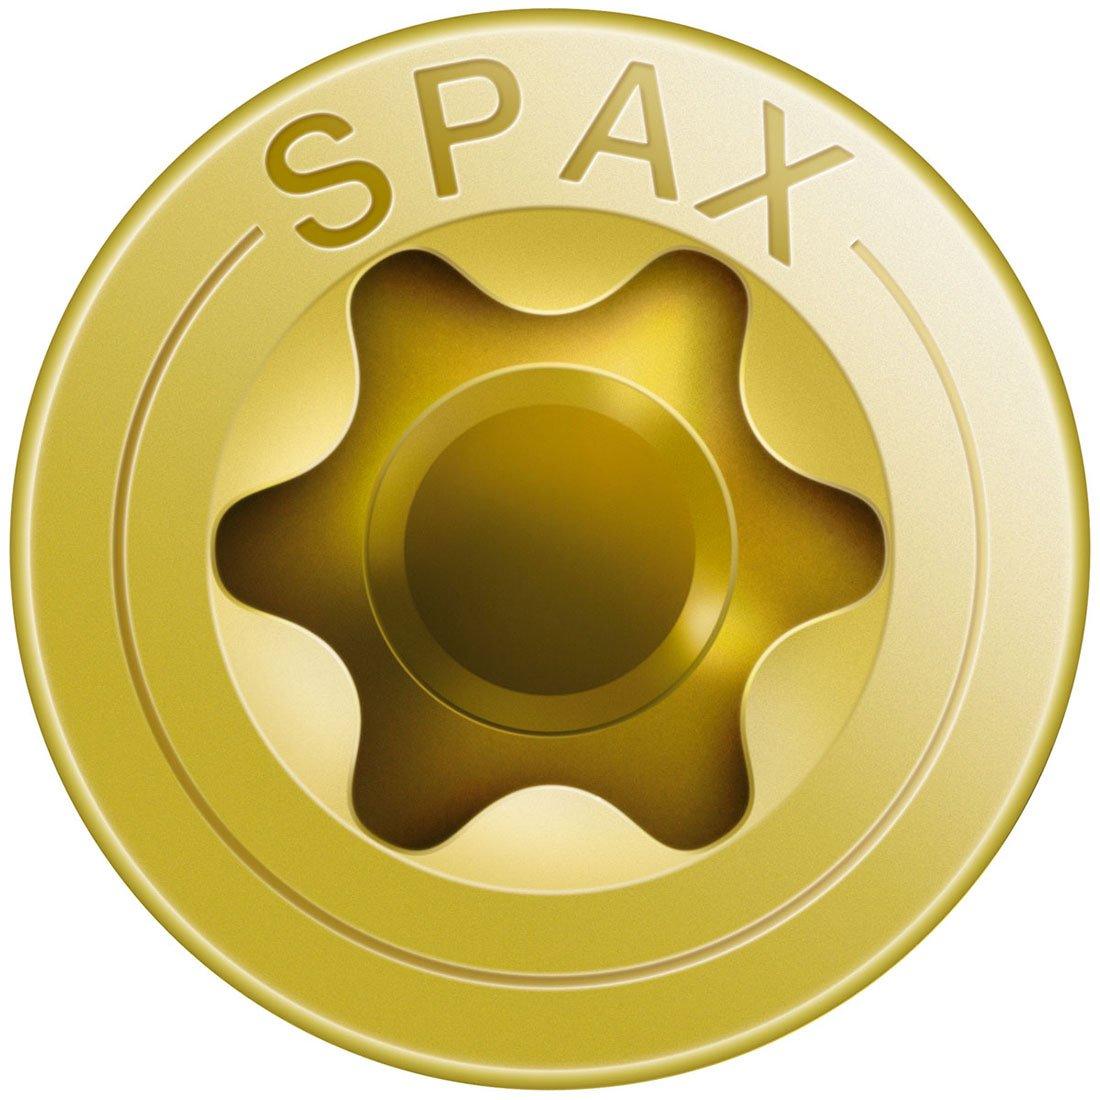 t/ête frais/ée 4CUT /0191020350303 Spax/ T-STAR plus filetage complet jaune galvanis/é passiv/é A2L 191020500703 Vis universelle